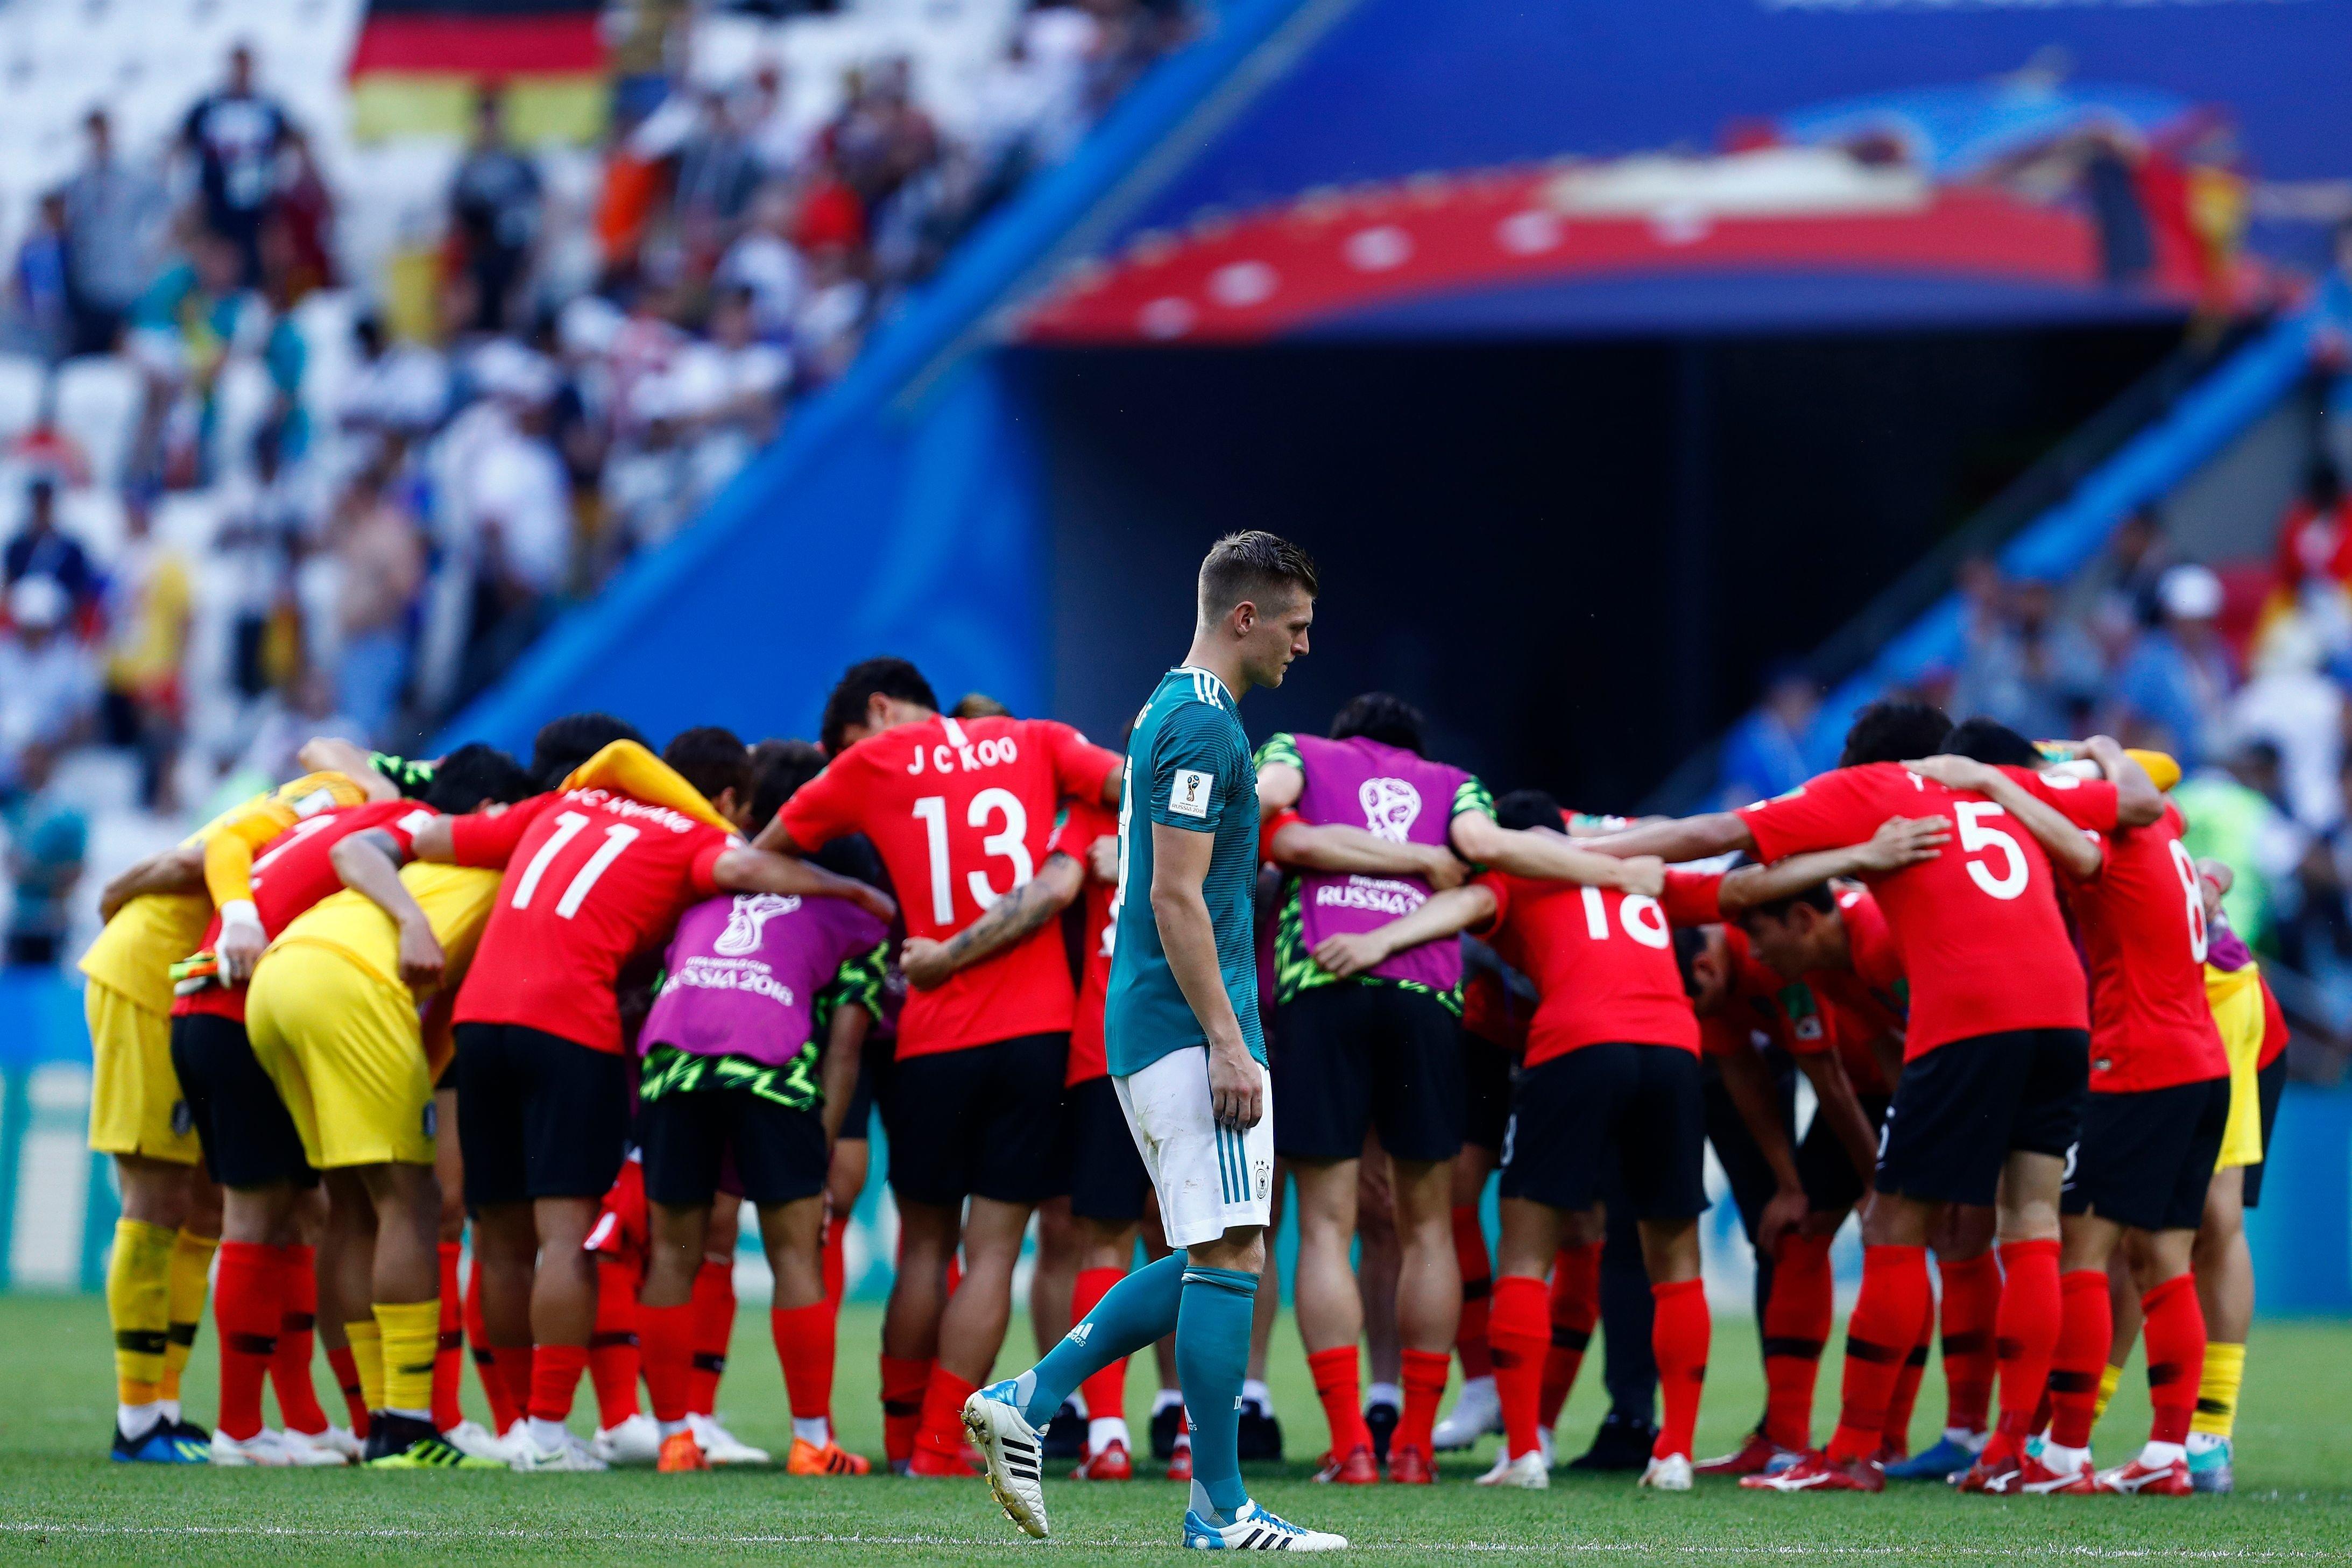 한국 축구대표팀이 월드컵에 나가 벌어들인 금액